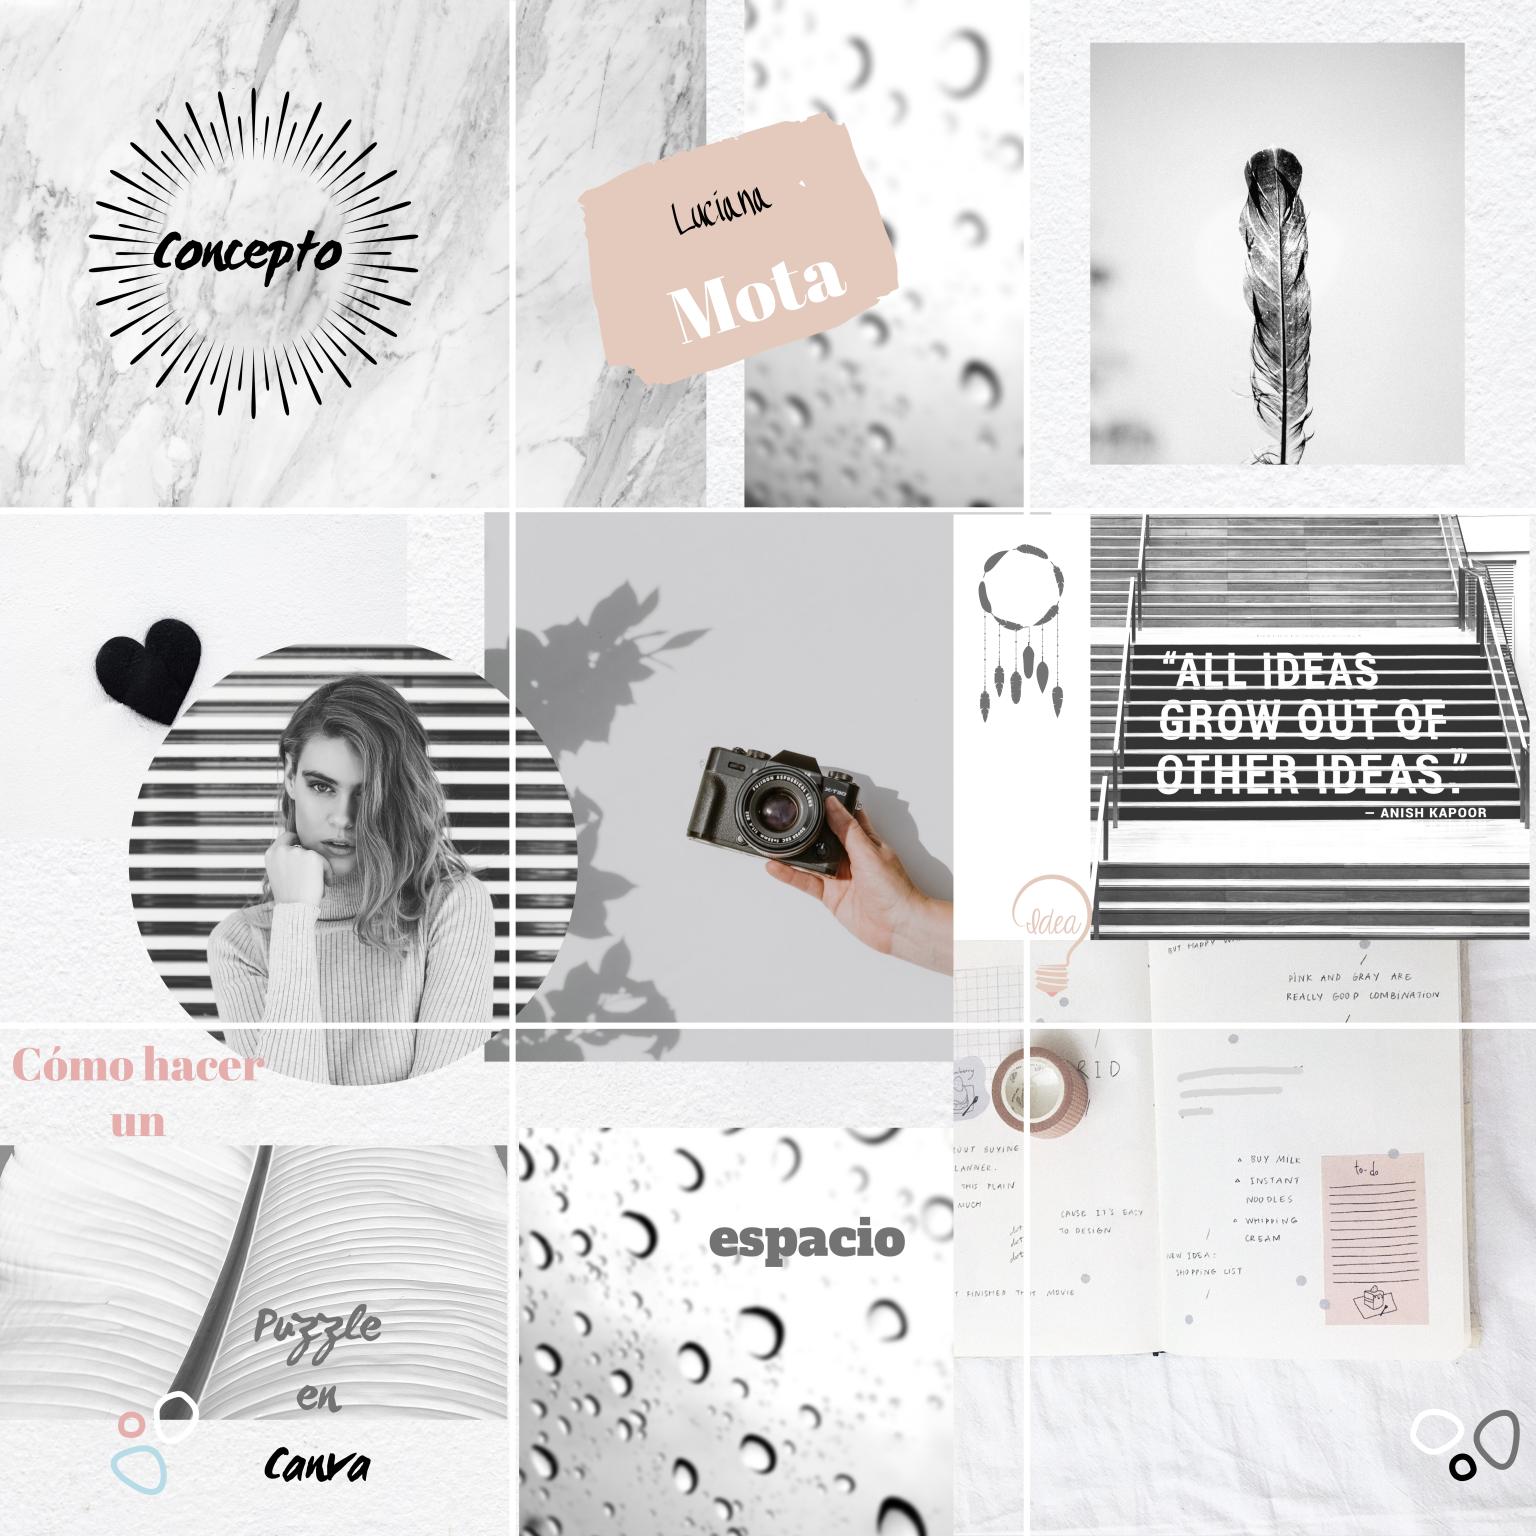 medios-sociales-creación-de-contenidos-luciana-mota